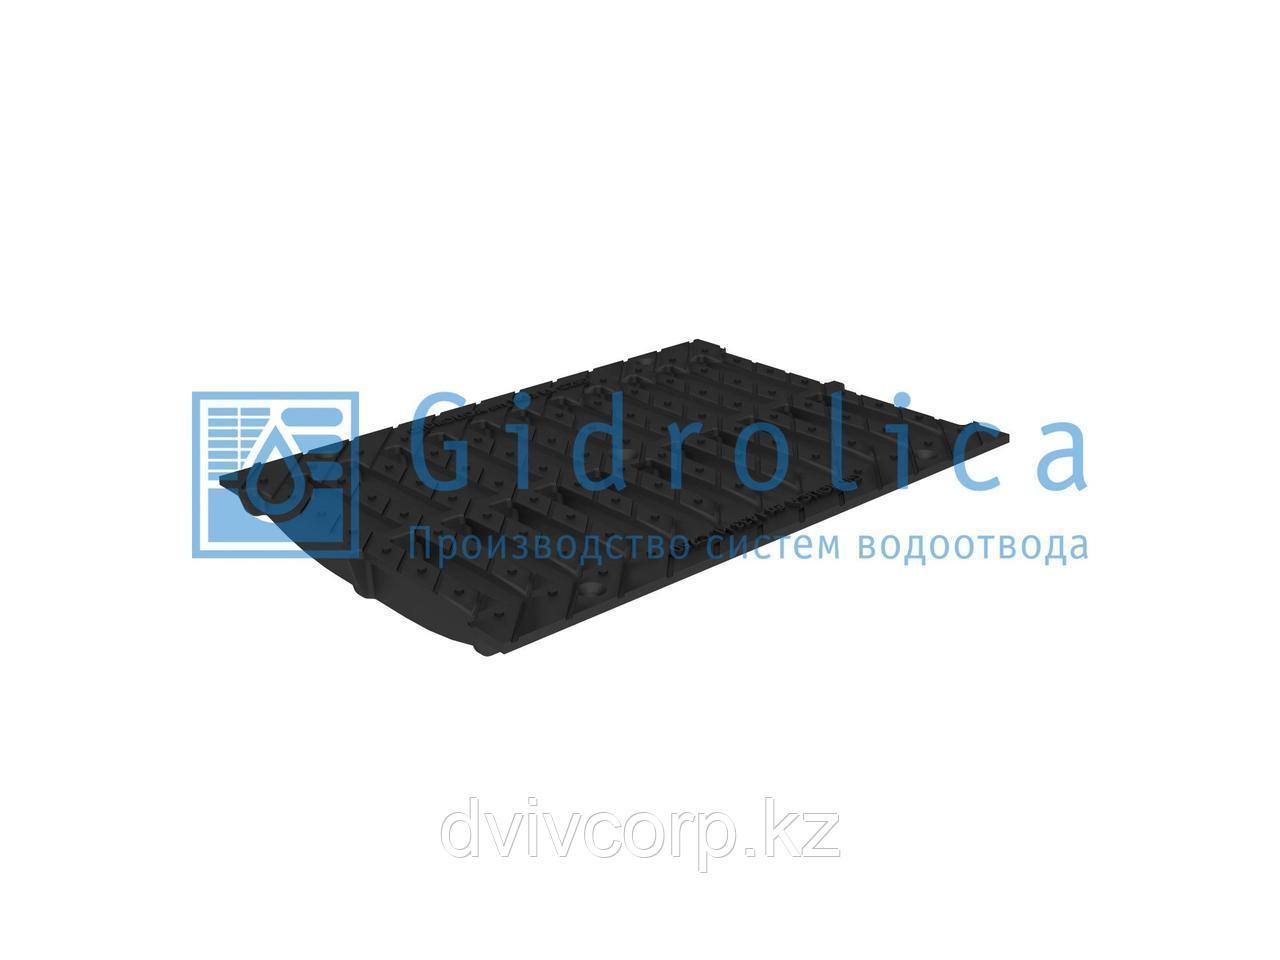 Арт. 534 Решетка водоприемная Gidrolica Standart РВ -30.37.50 - щелевая чугунная ВЧ, кл. С250